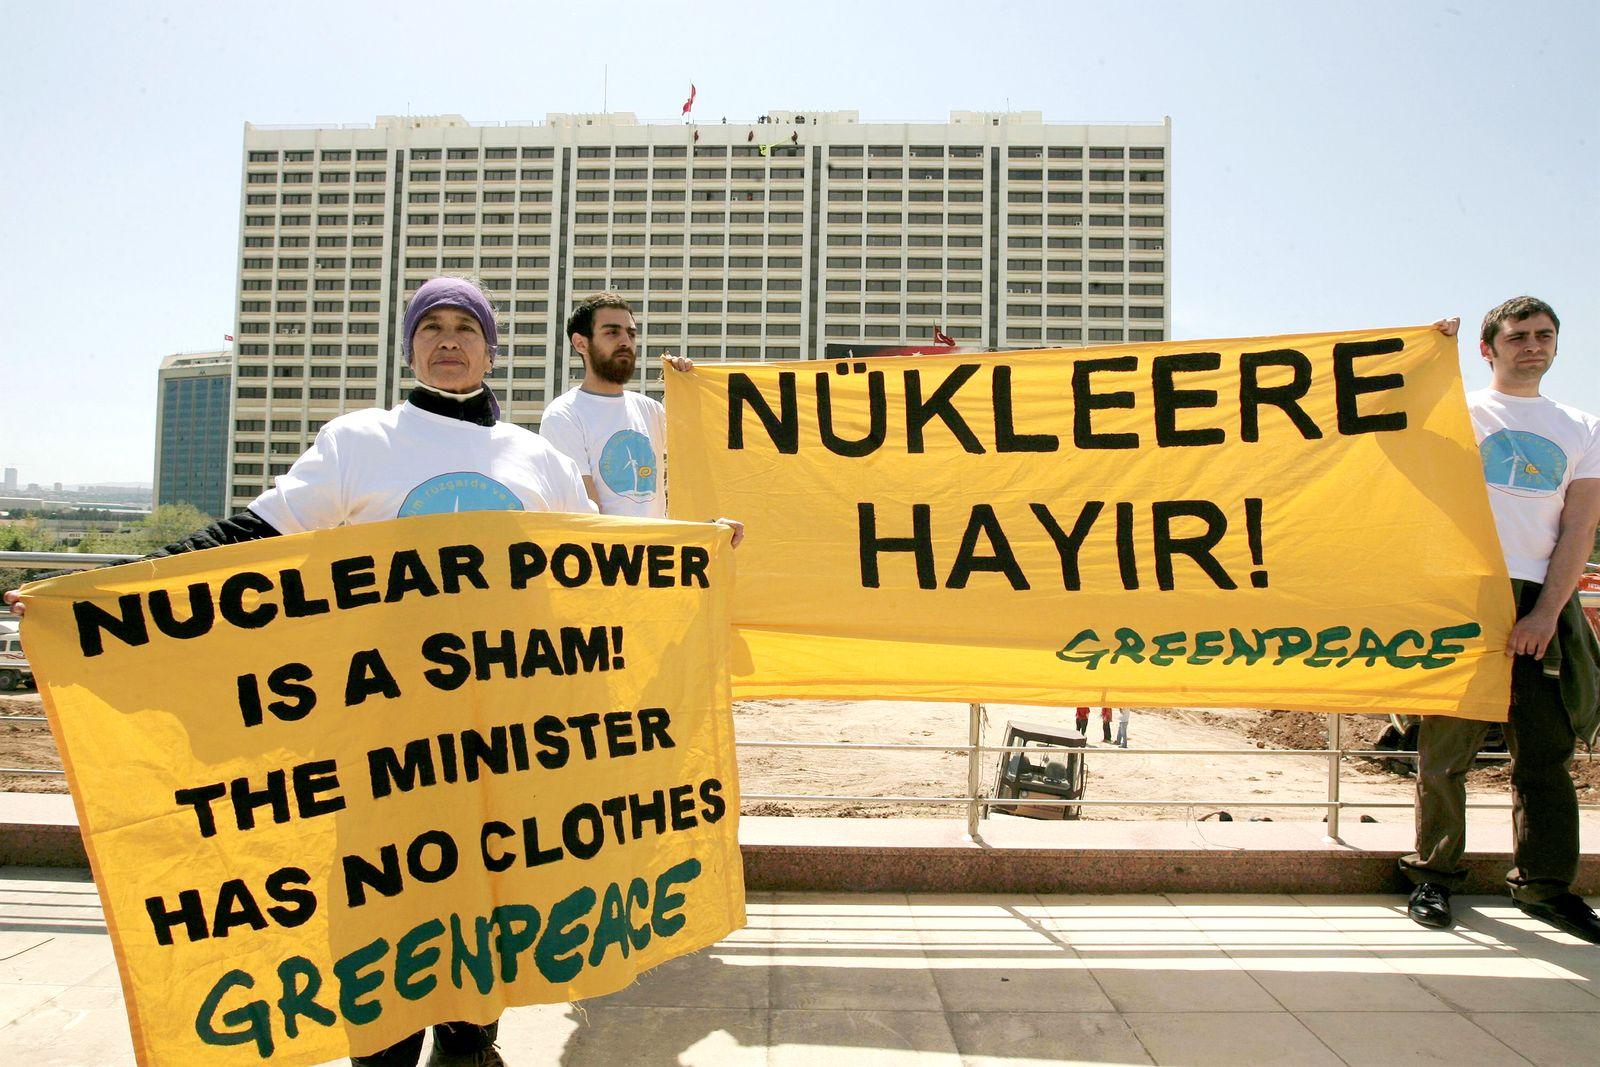 Türkei / Greenpeace / Atom-Protest